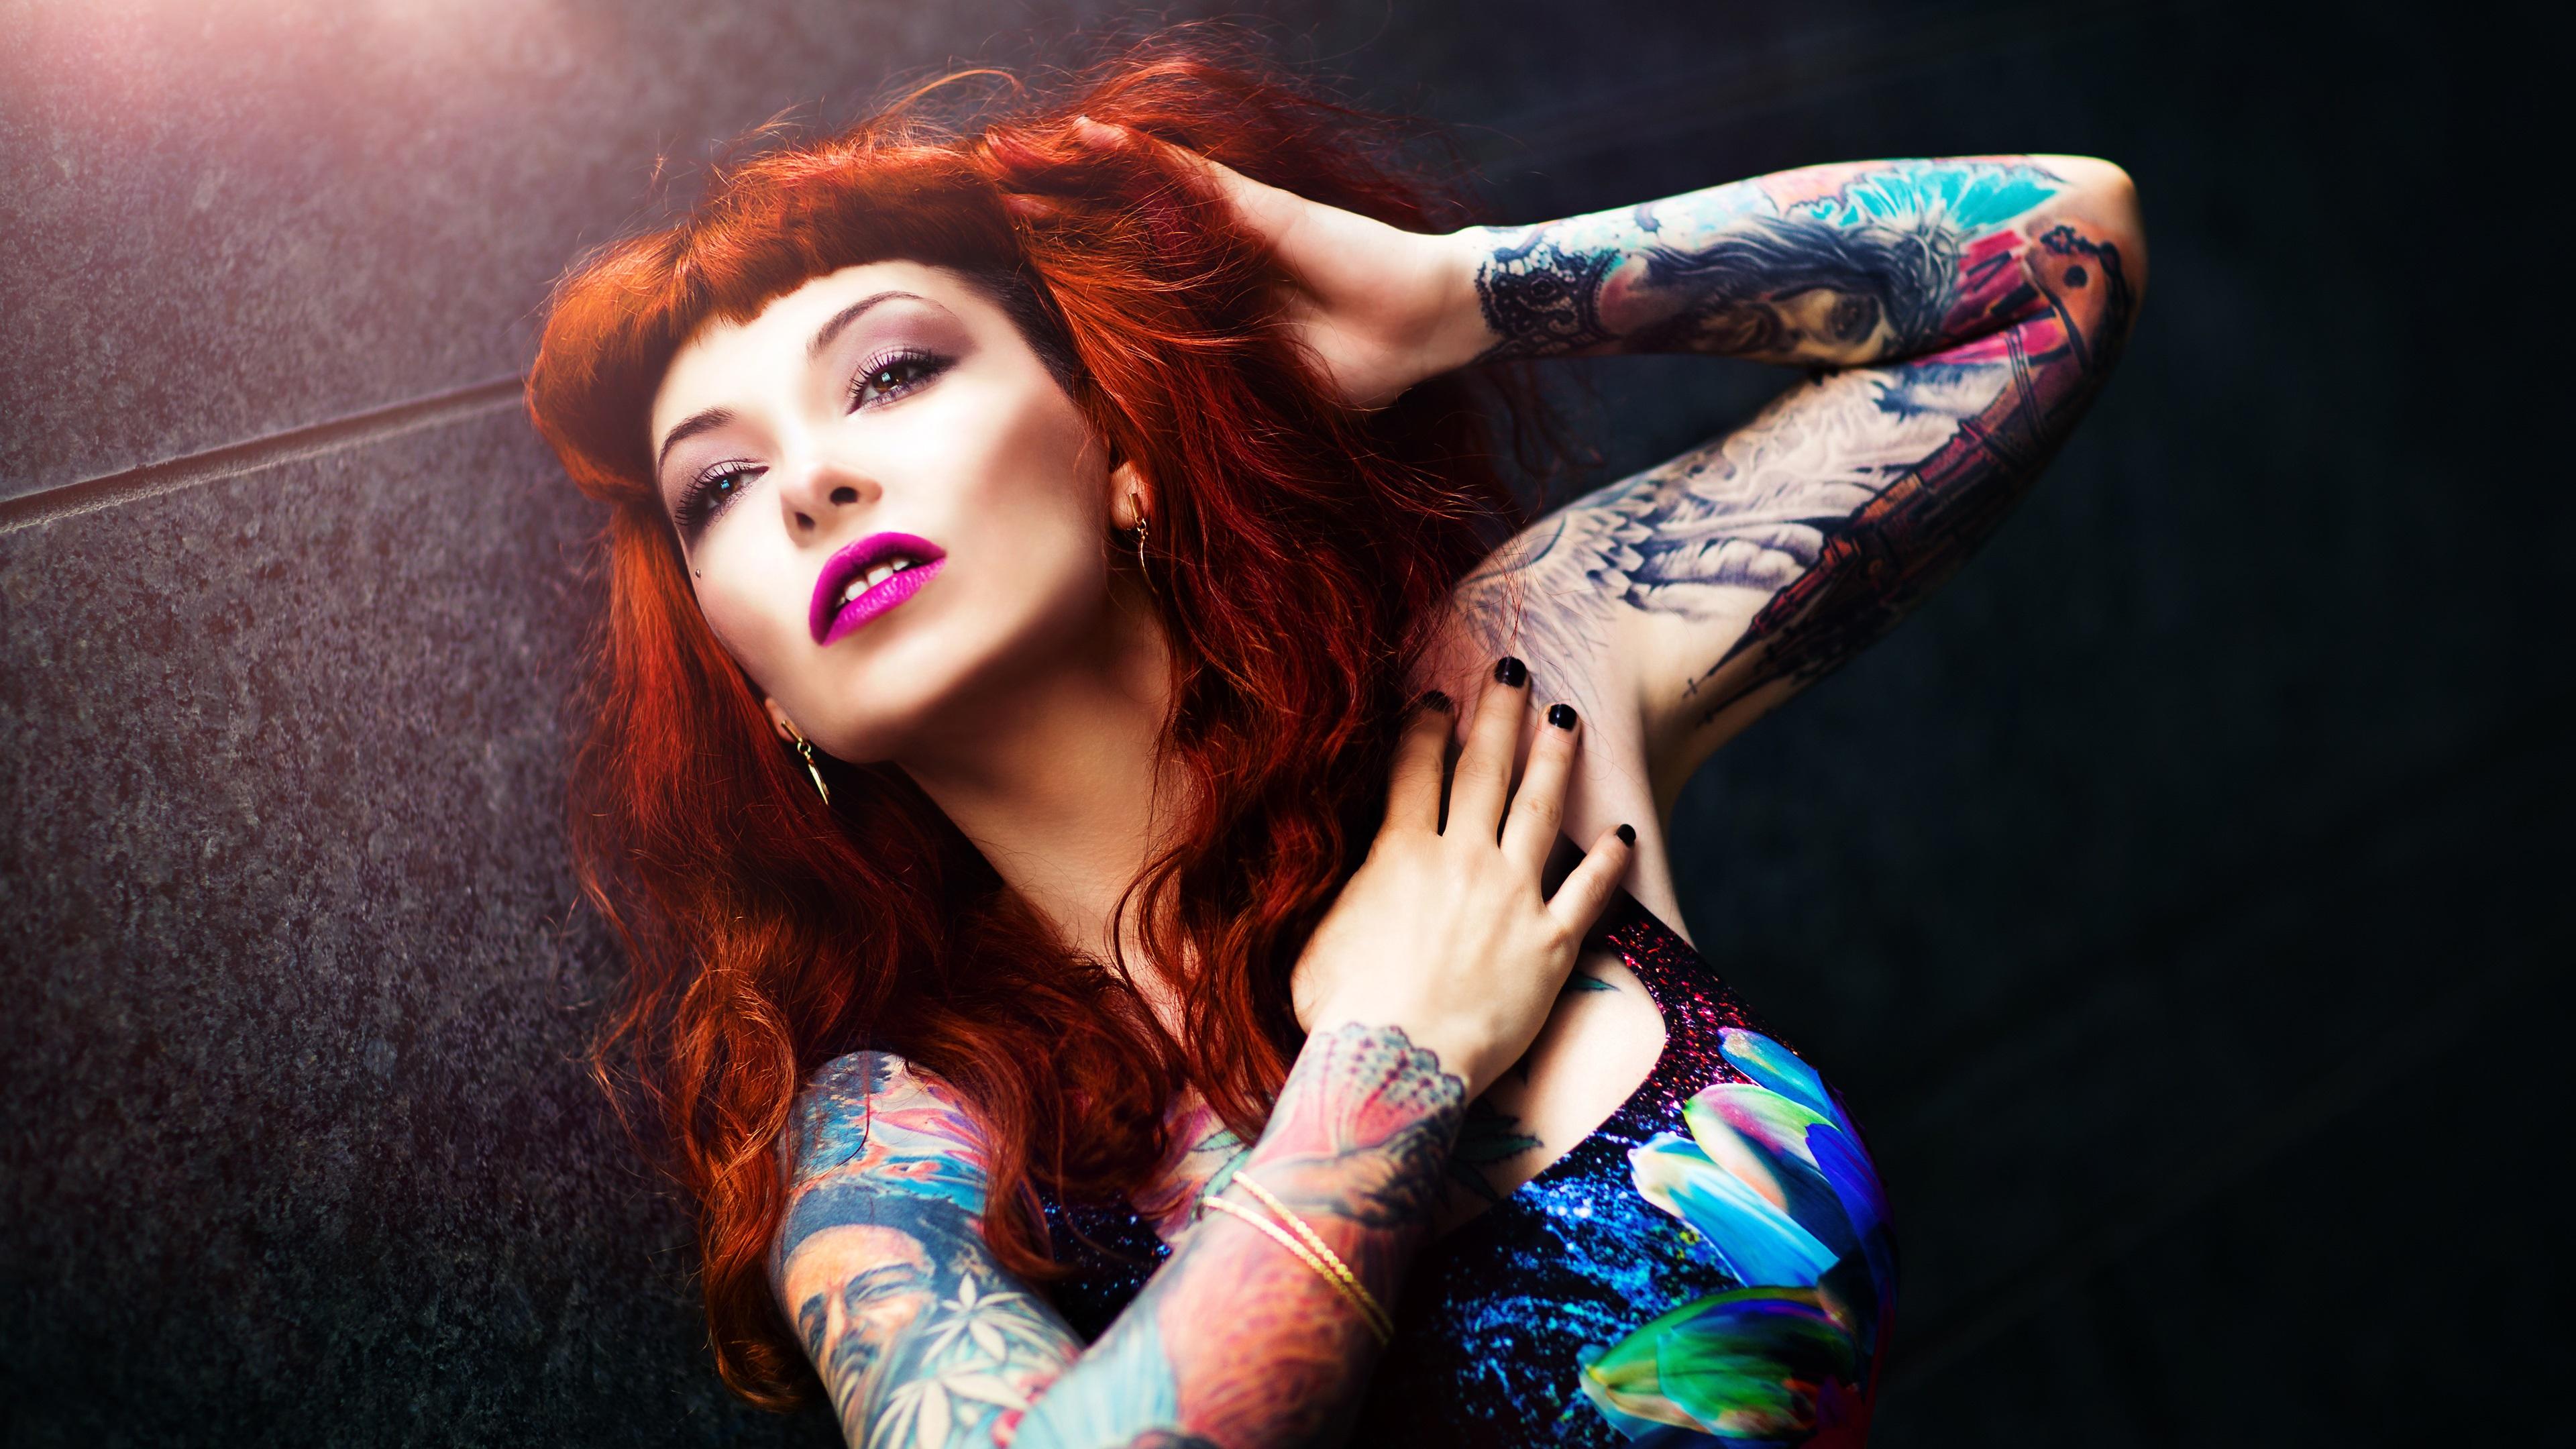 Картинки с девушками у которых татуировки